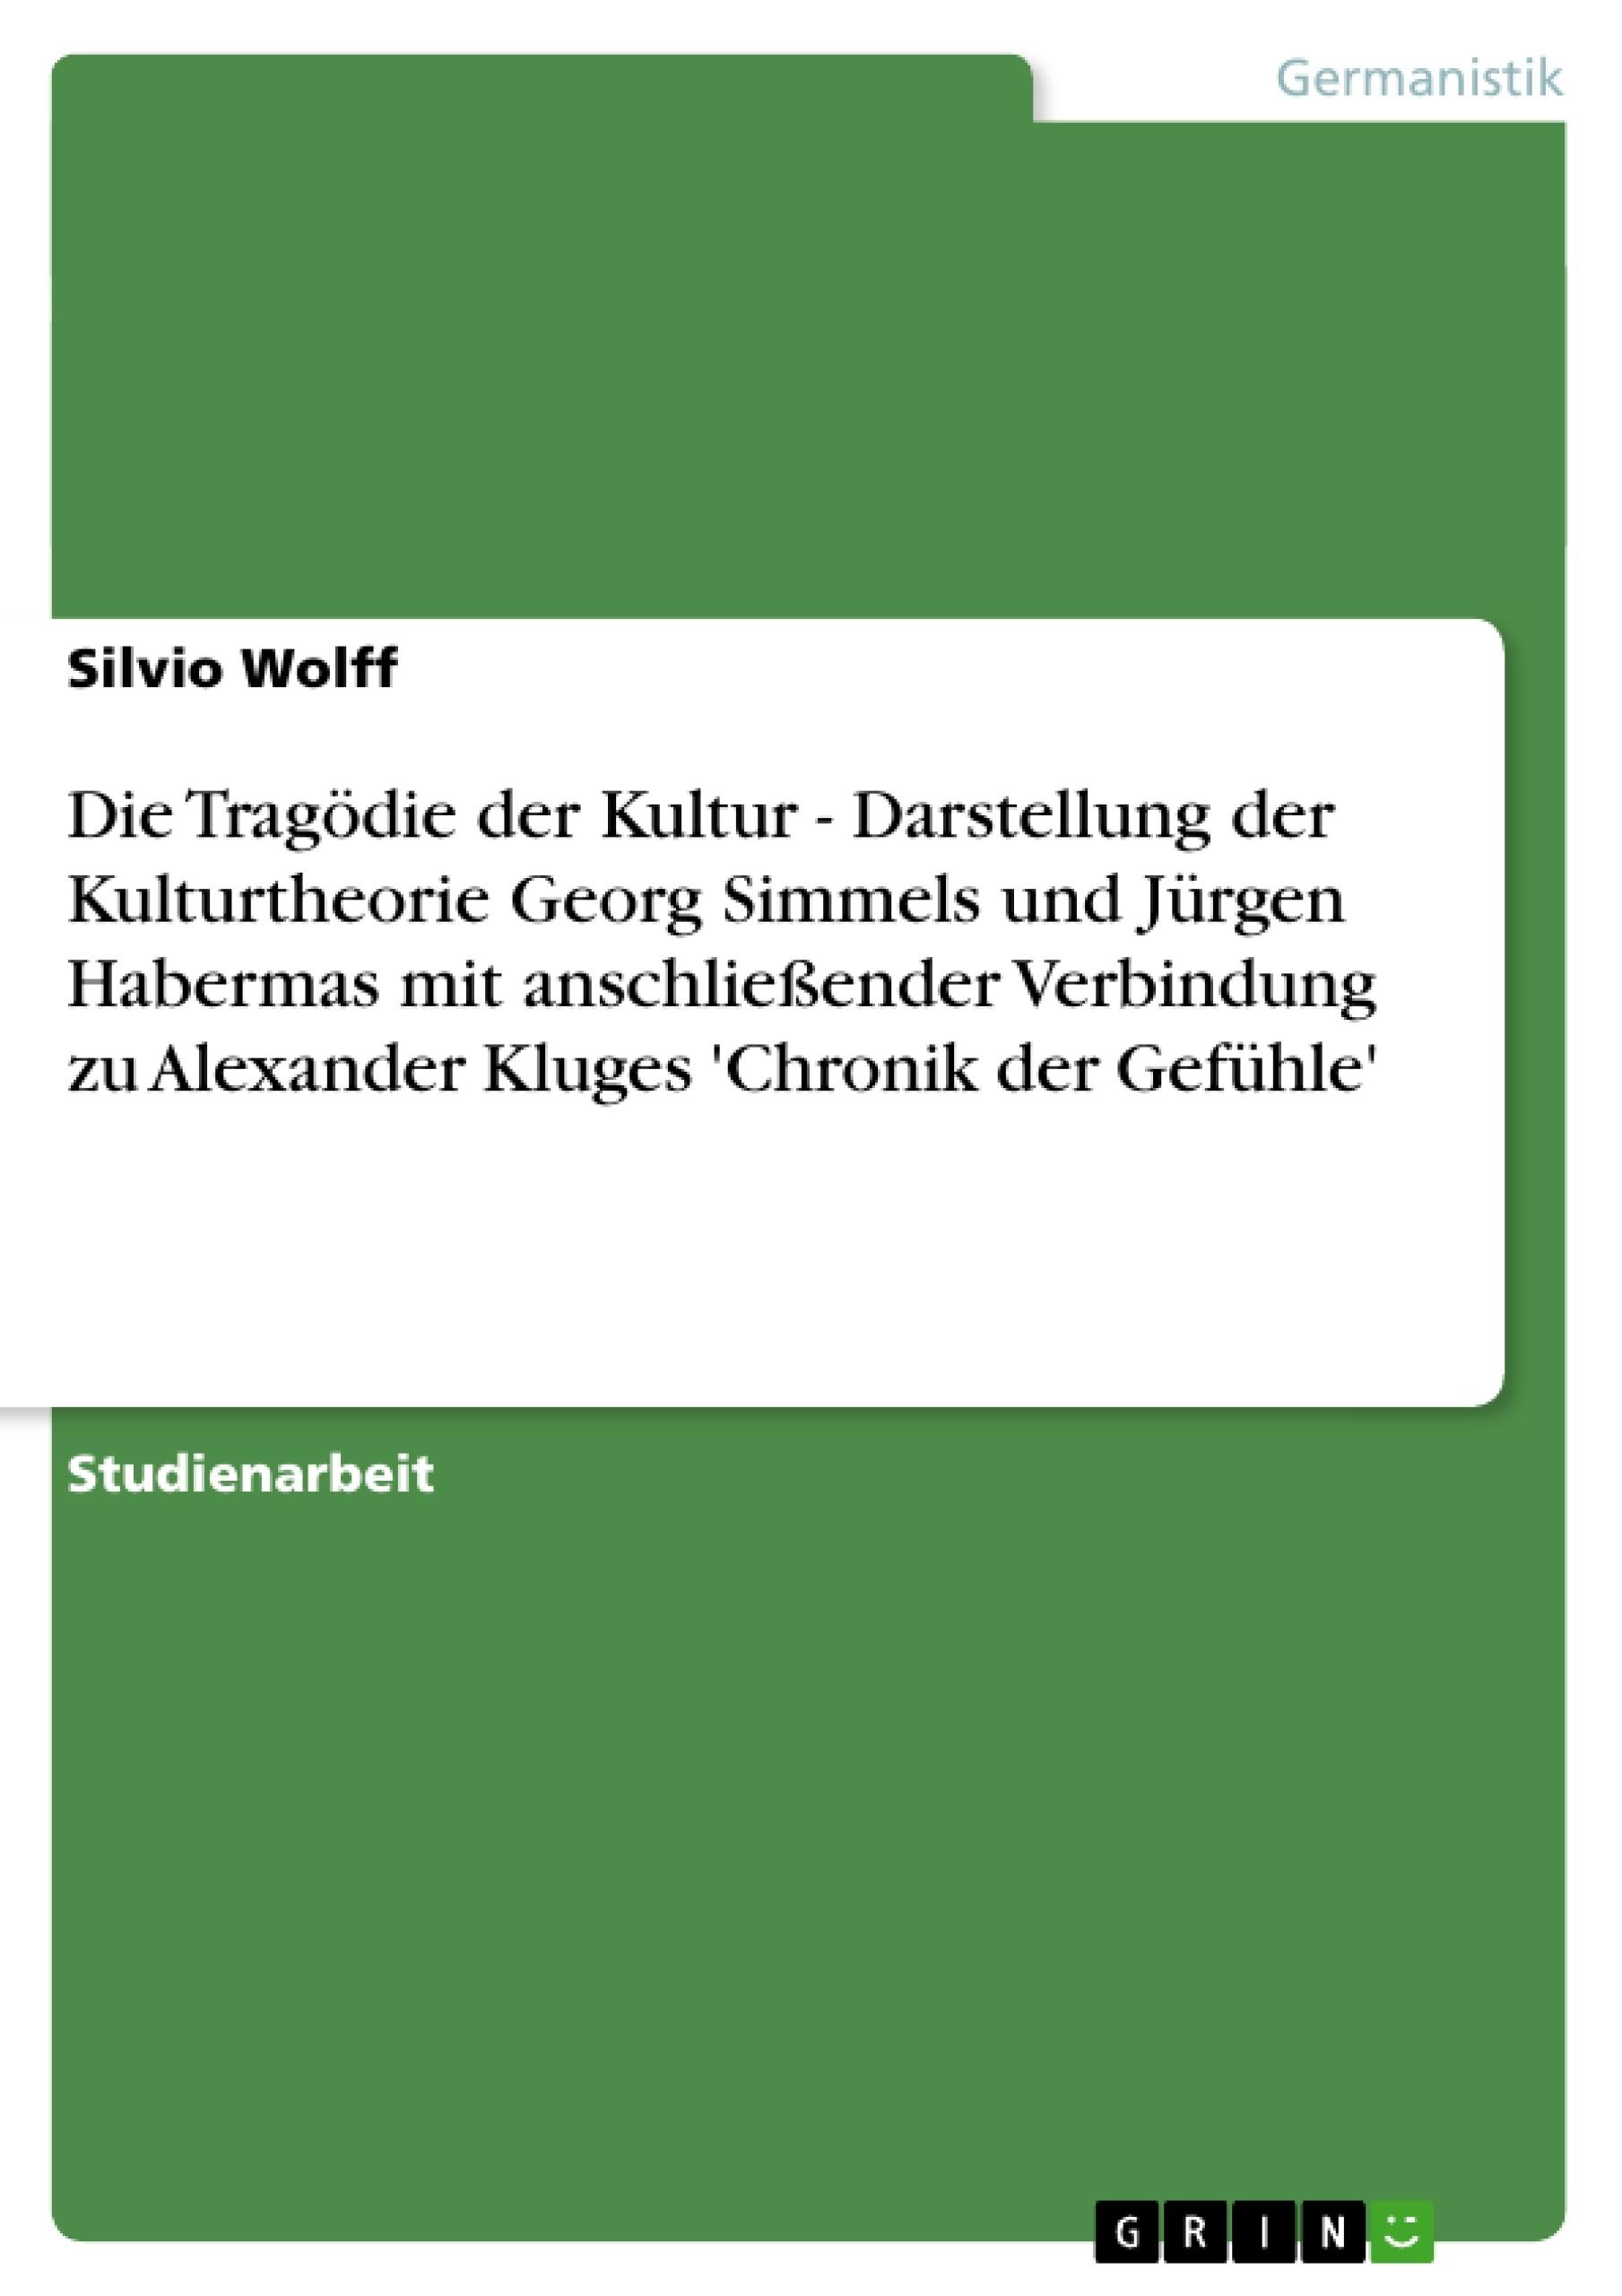 Titel: Die Tragödie der Kultur - Darstellung der Kulturtheorie Georg Simmels und Jürgen Habermas mit anschließender Verbindung zu  Alexander Kluges 'Chronik der Gefühle'